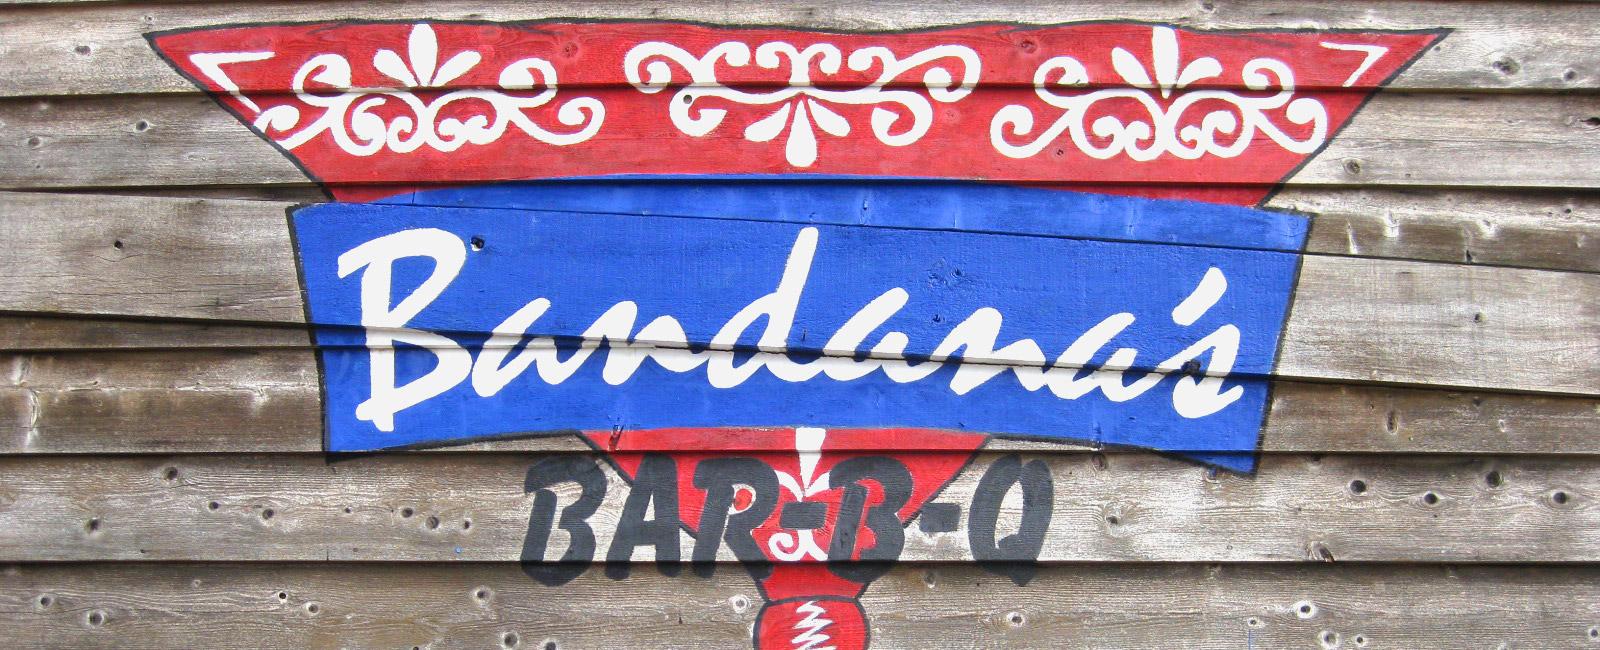 About Bandanas